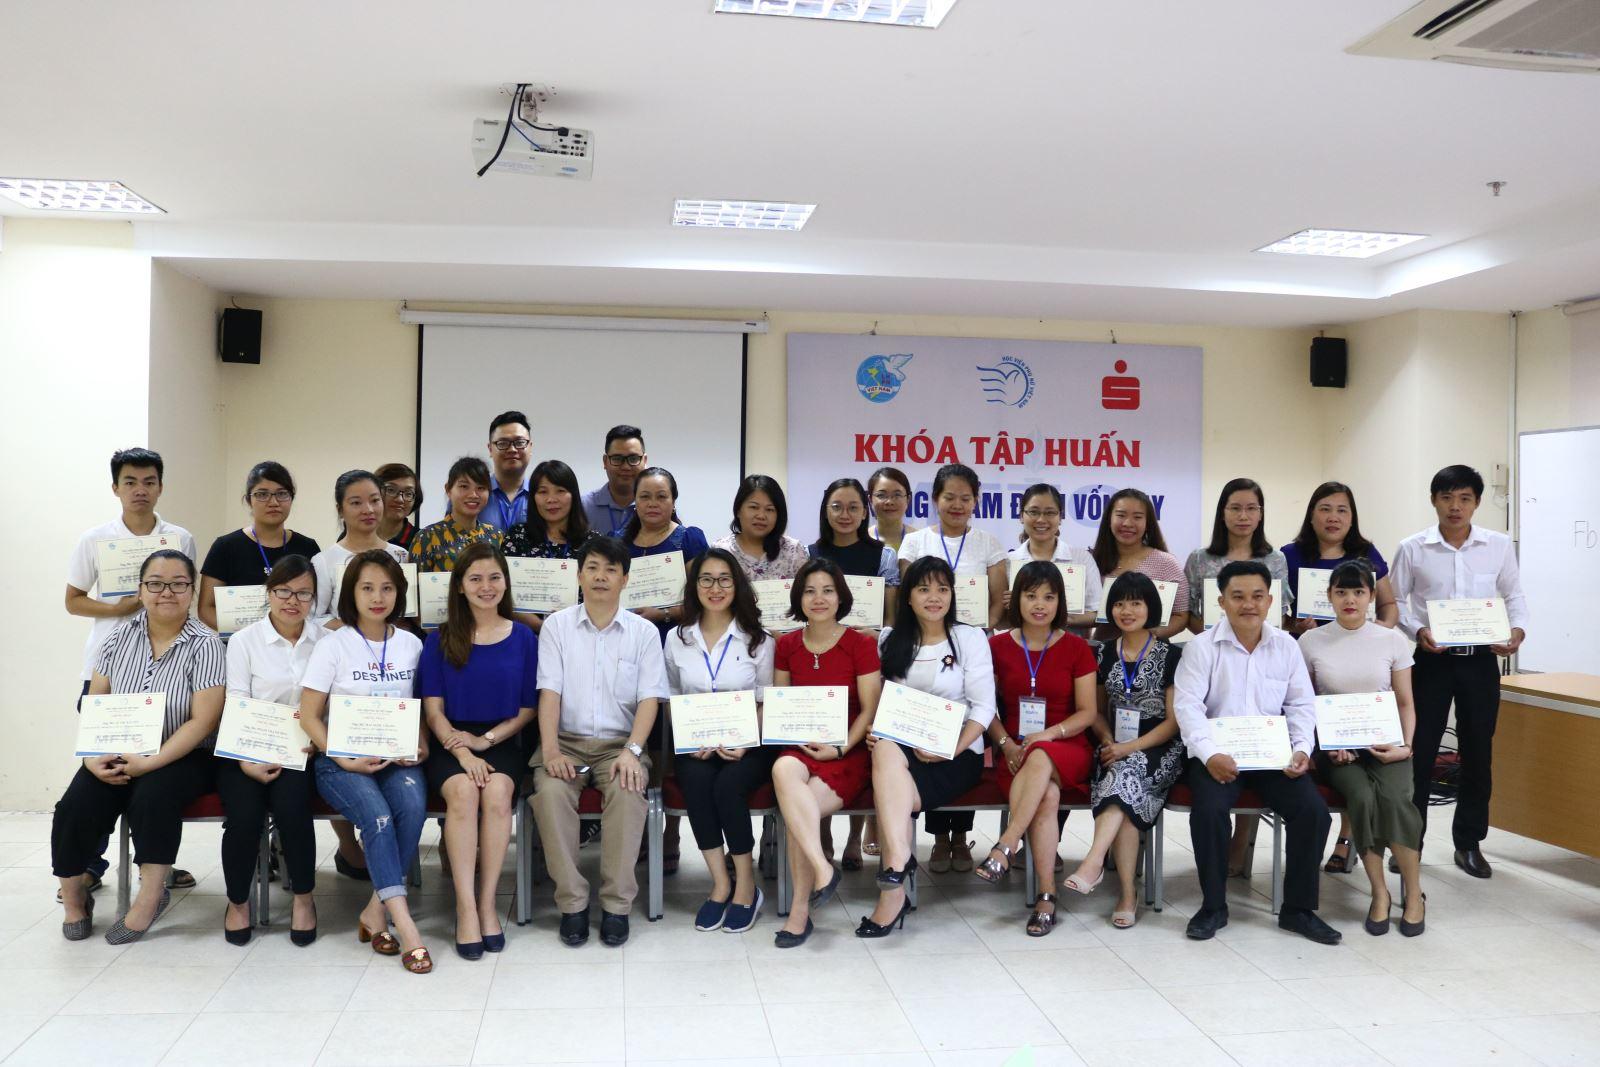 Học viện Phụ nữ Việt Nam tổ chức khóa tập huấn Kỹ năng Thẩm định vốn vay  cho cán bộ Dự án Tài chính vi mô